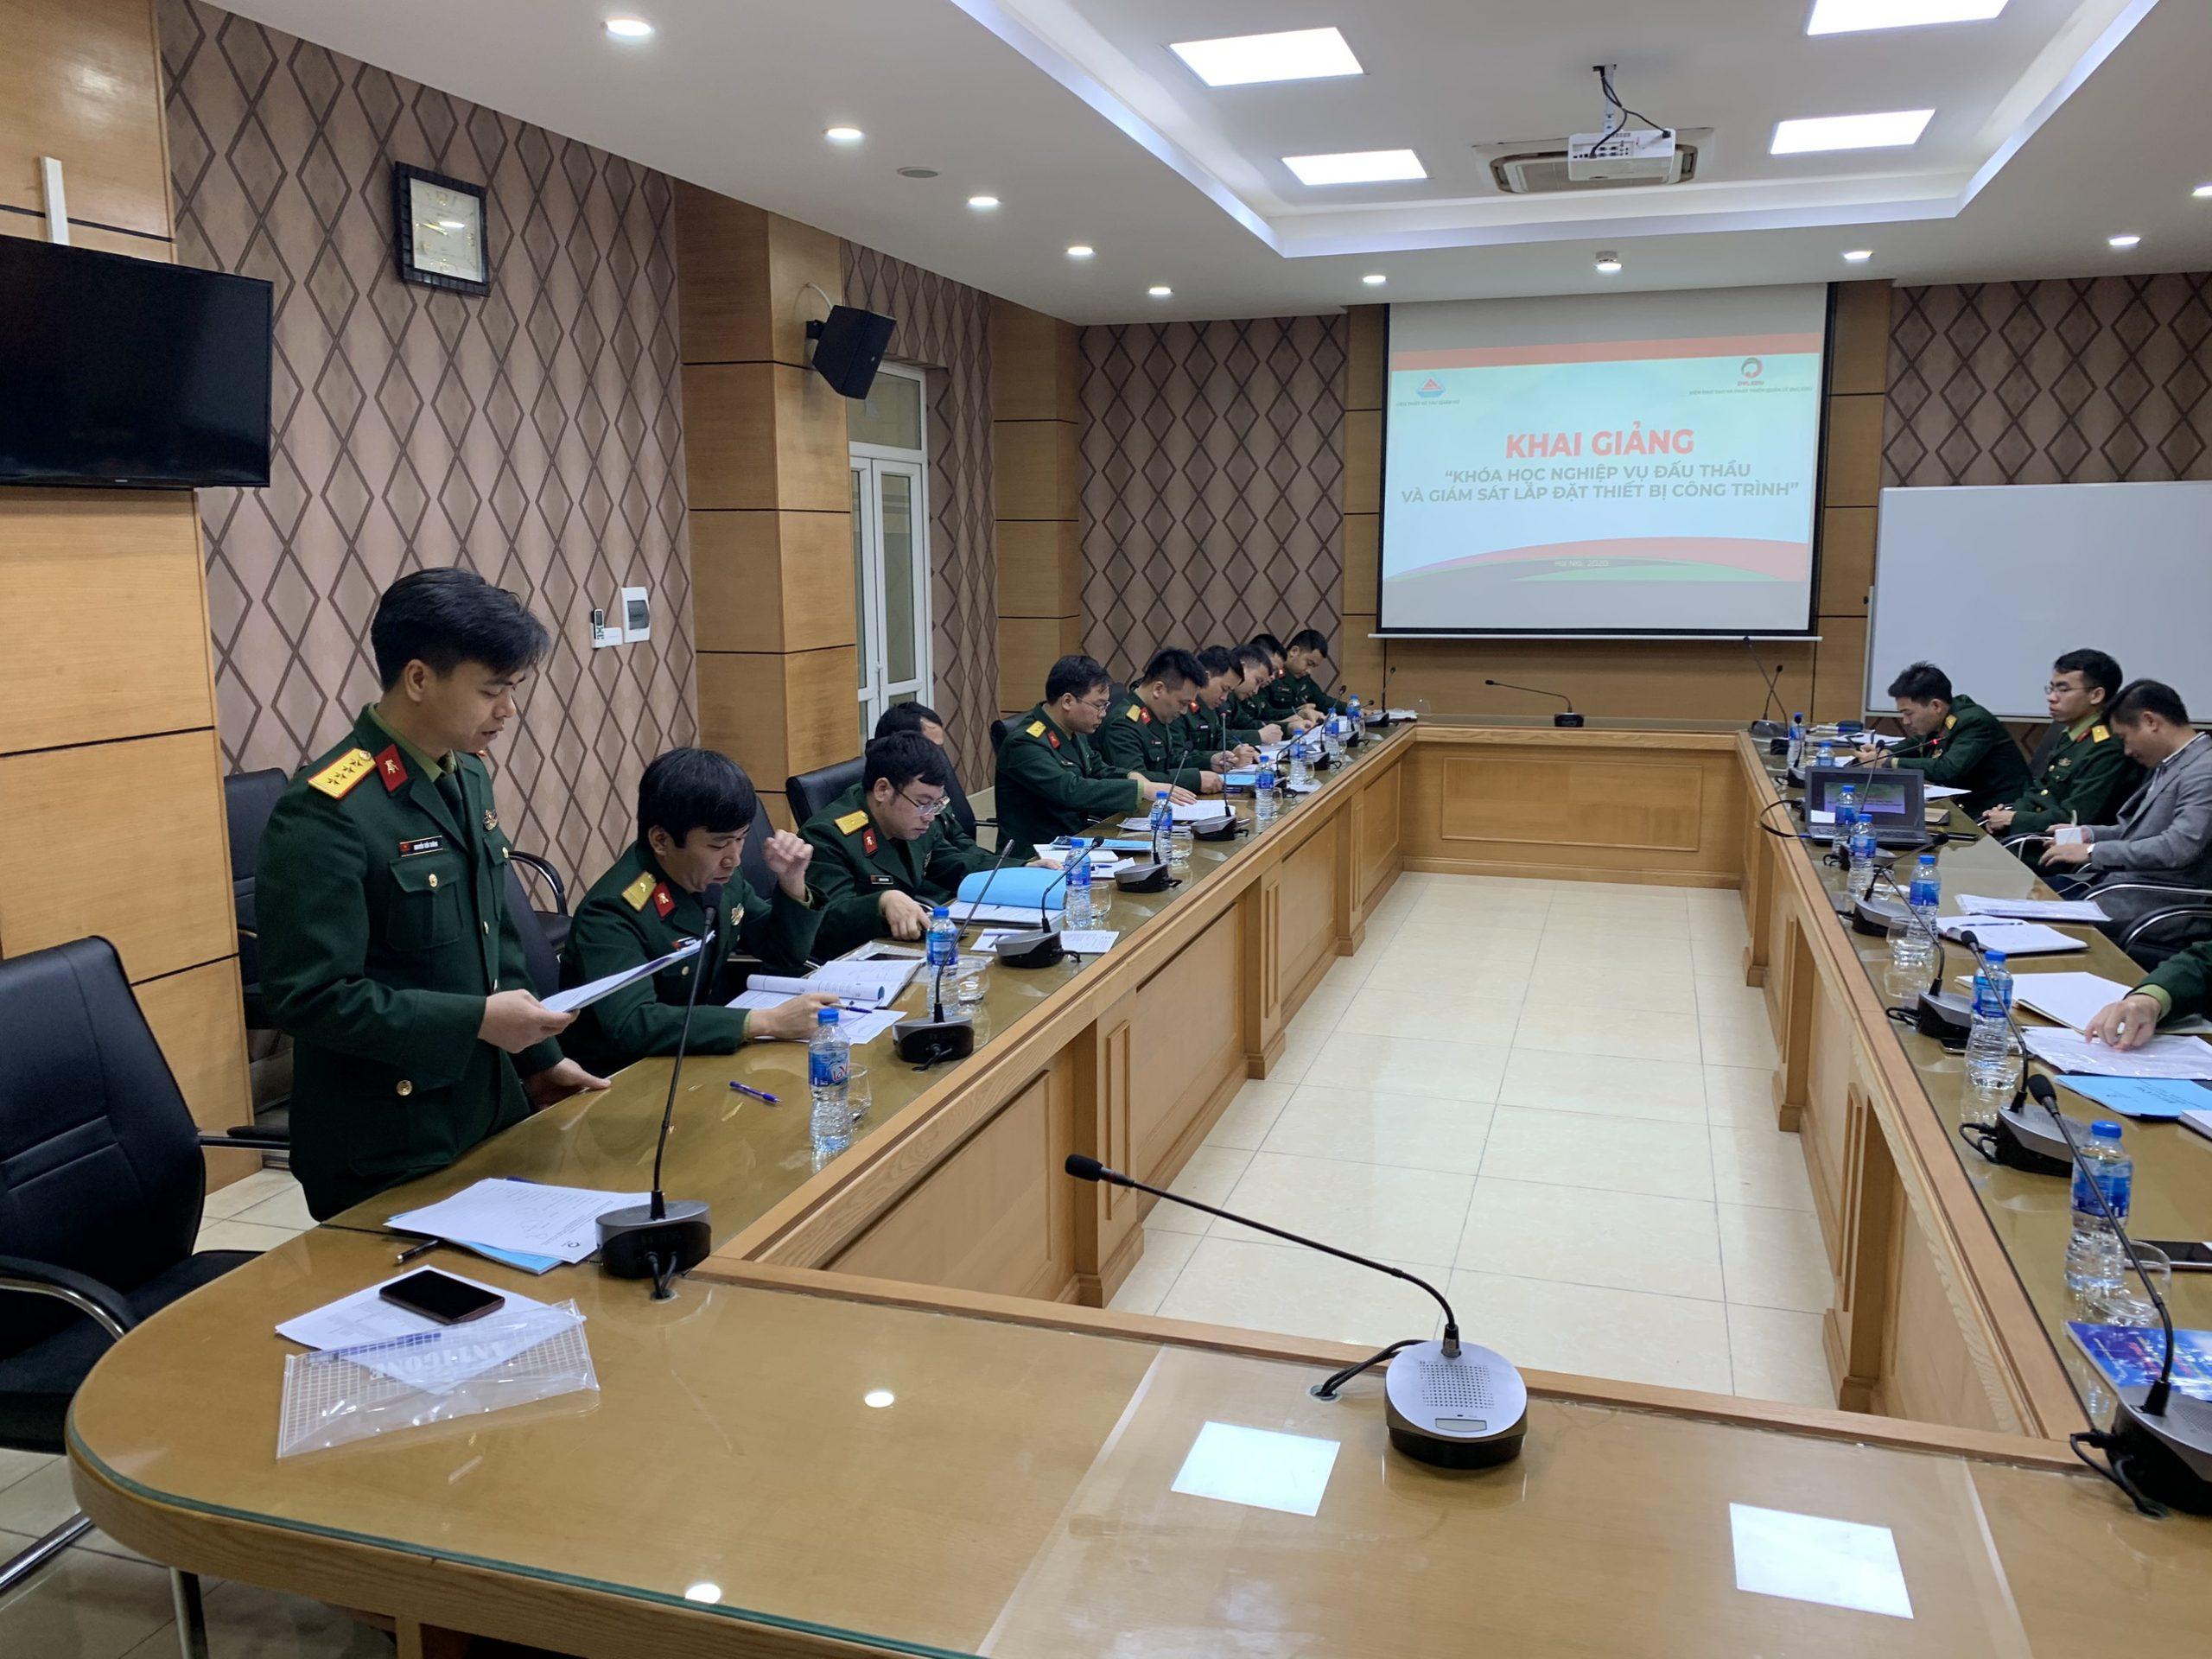 Khai giảng khóa học tại Viện Thiết kế tàu quân sự ngày 04/03/2020